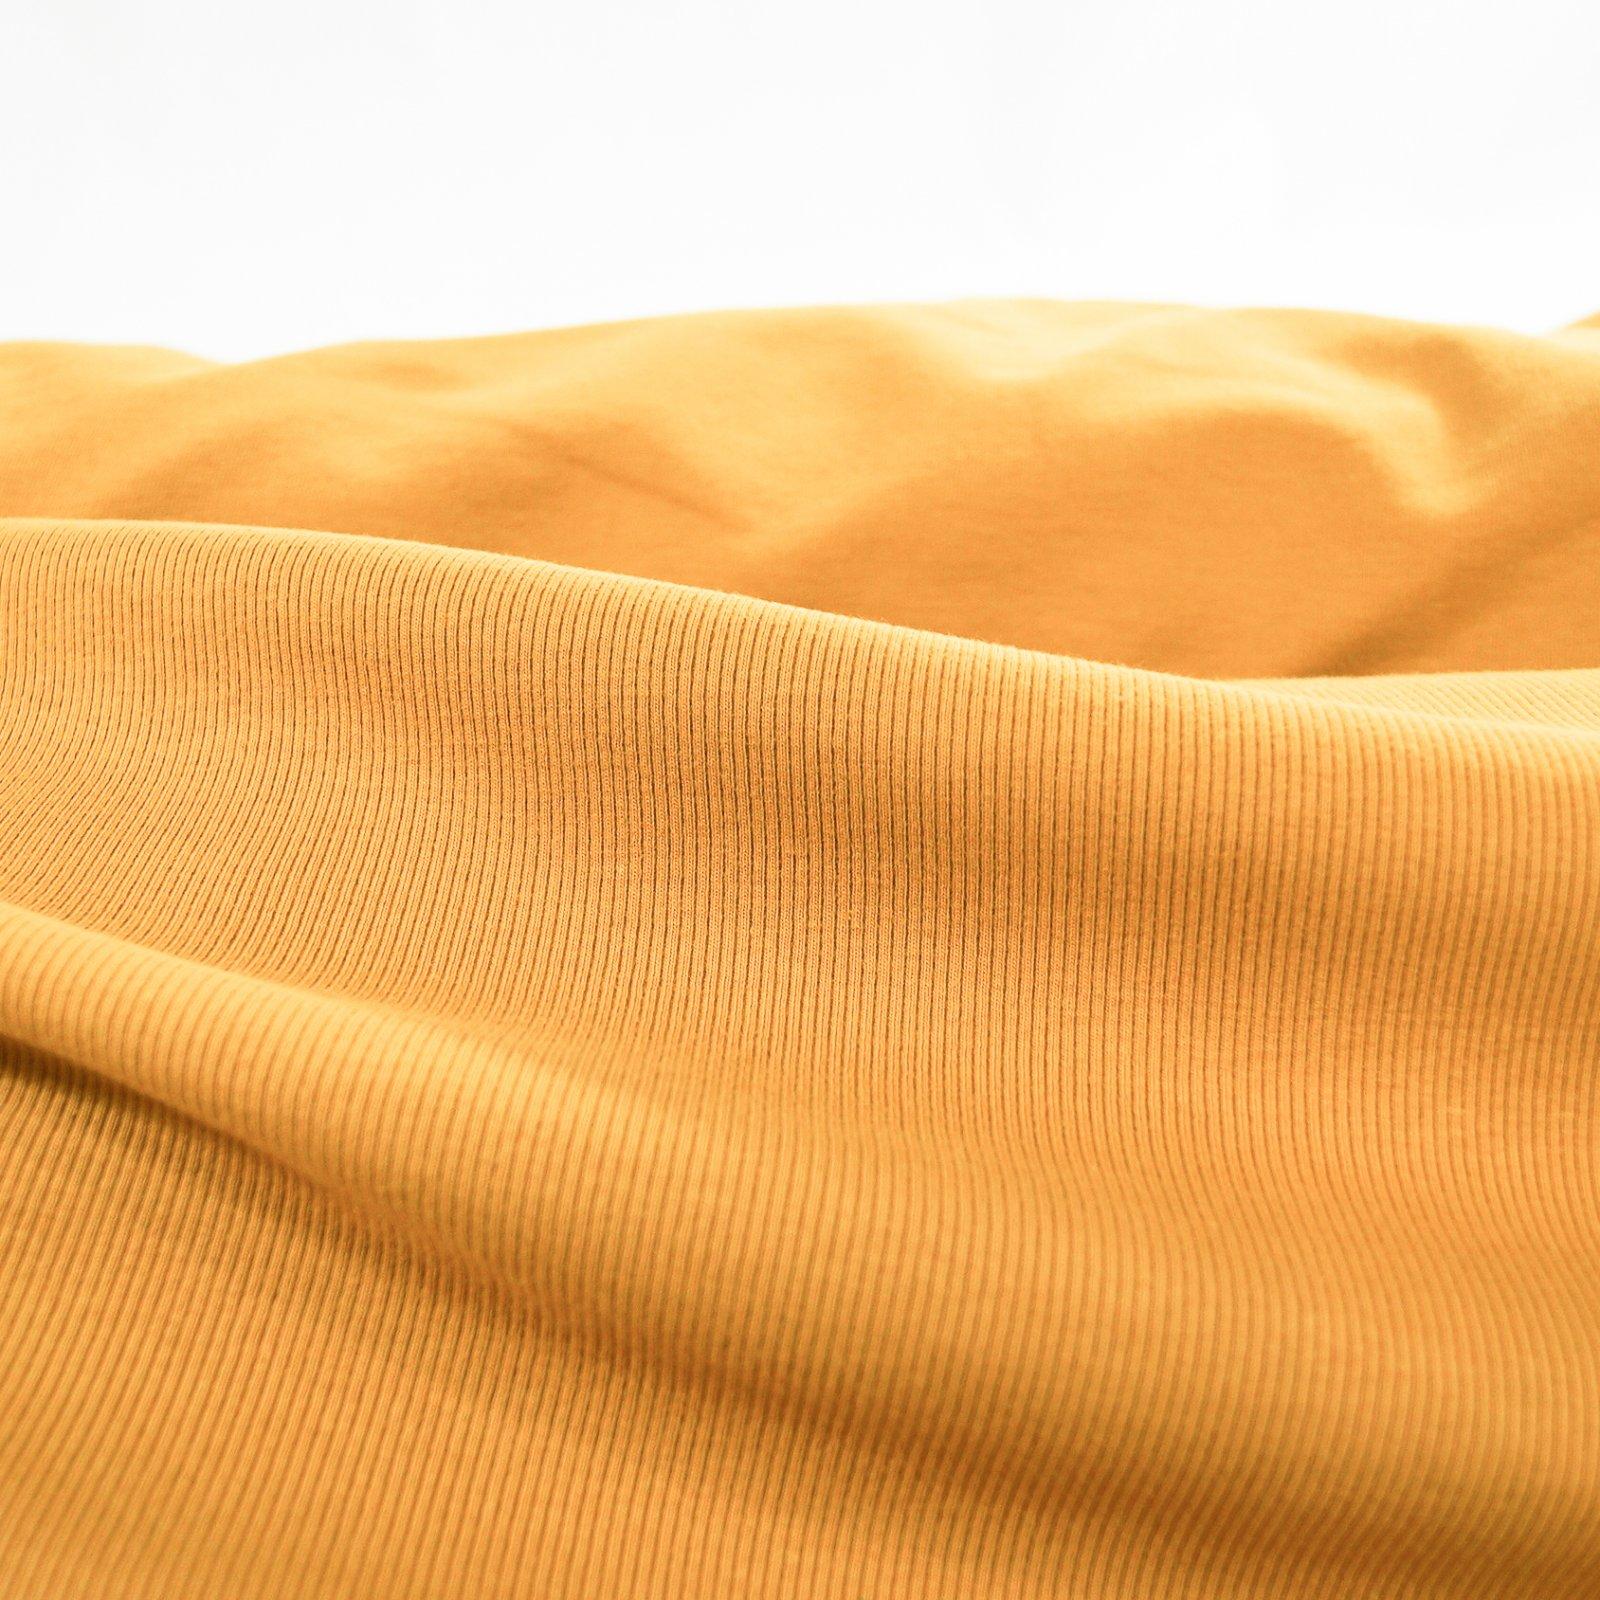 Rib Knit - 2 x 1 -  Organic Ochre